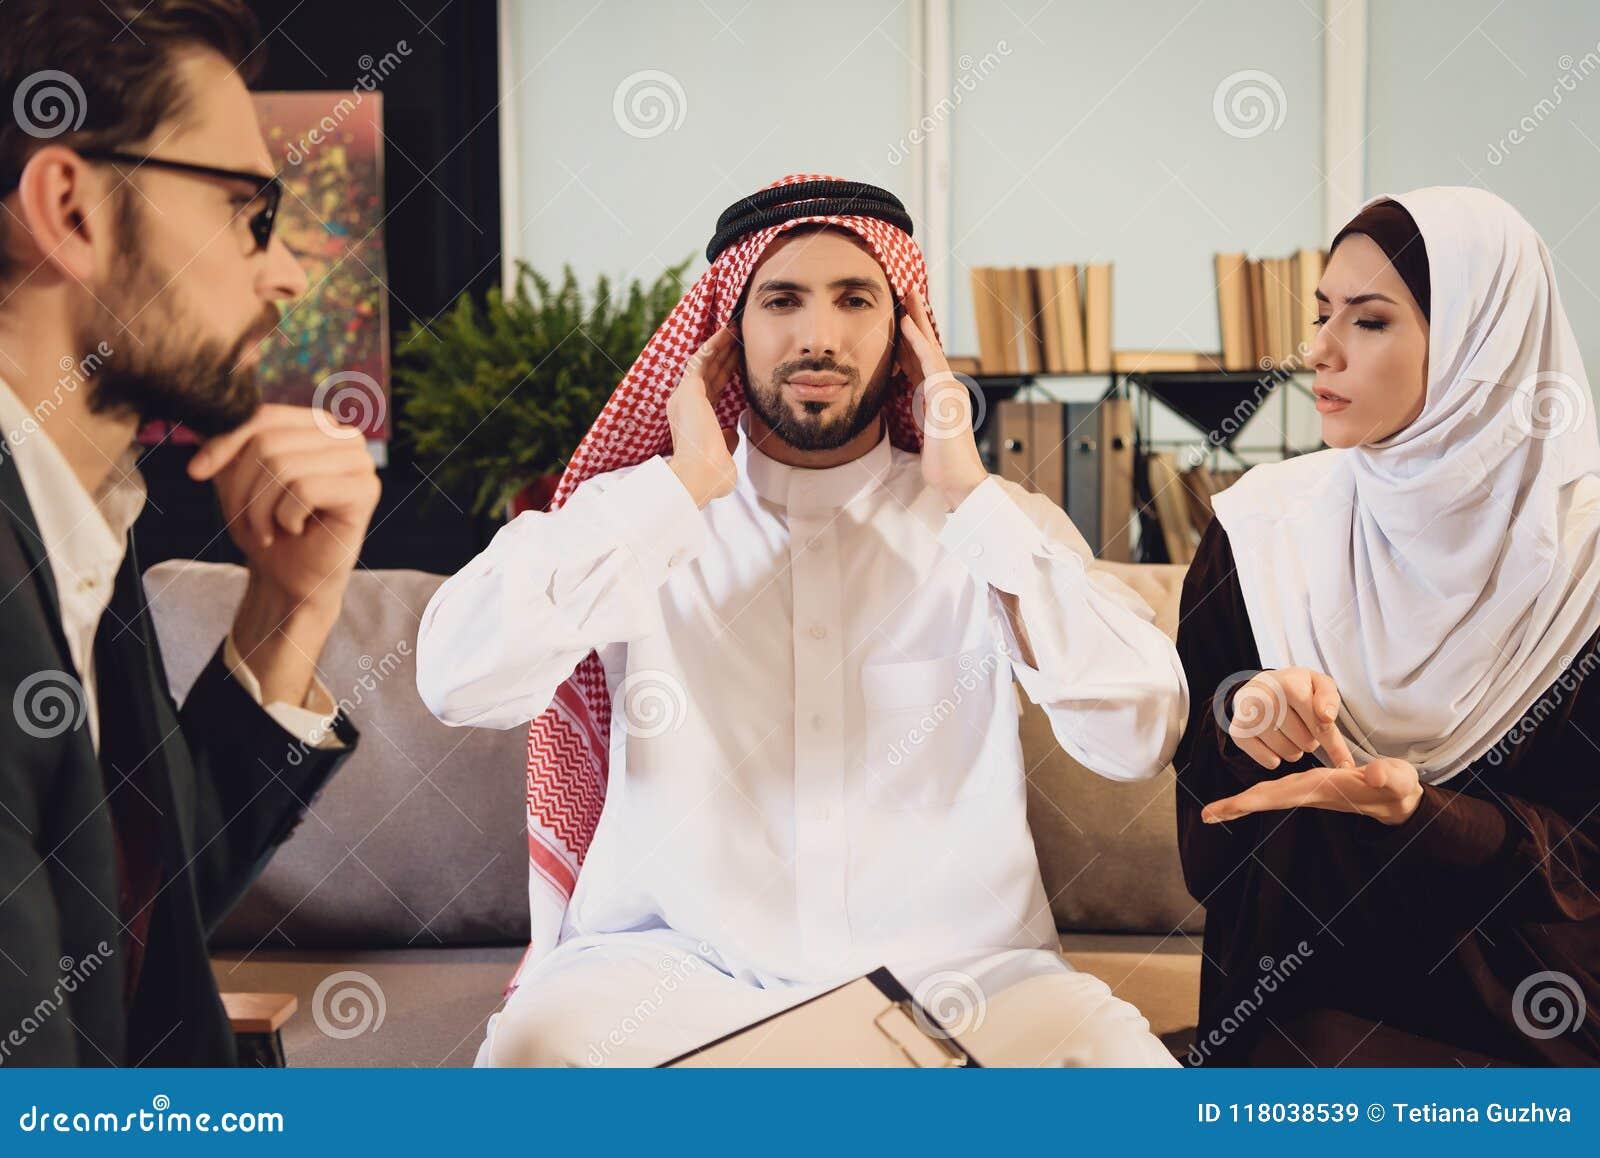 Arabski mężczyzna przy przyjęciem terapeuta szturcha ucho